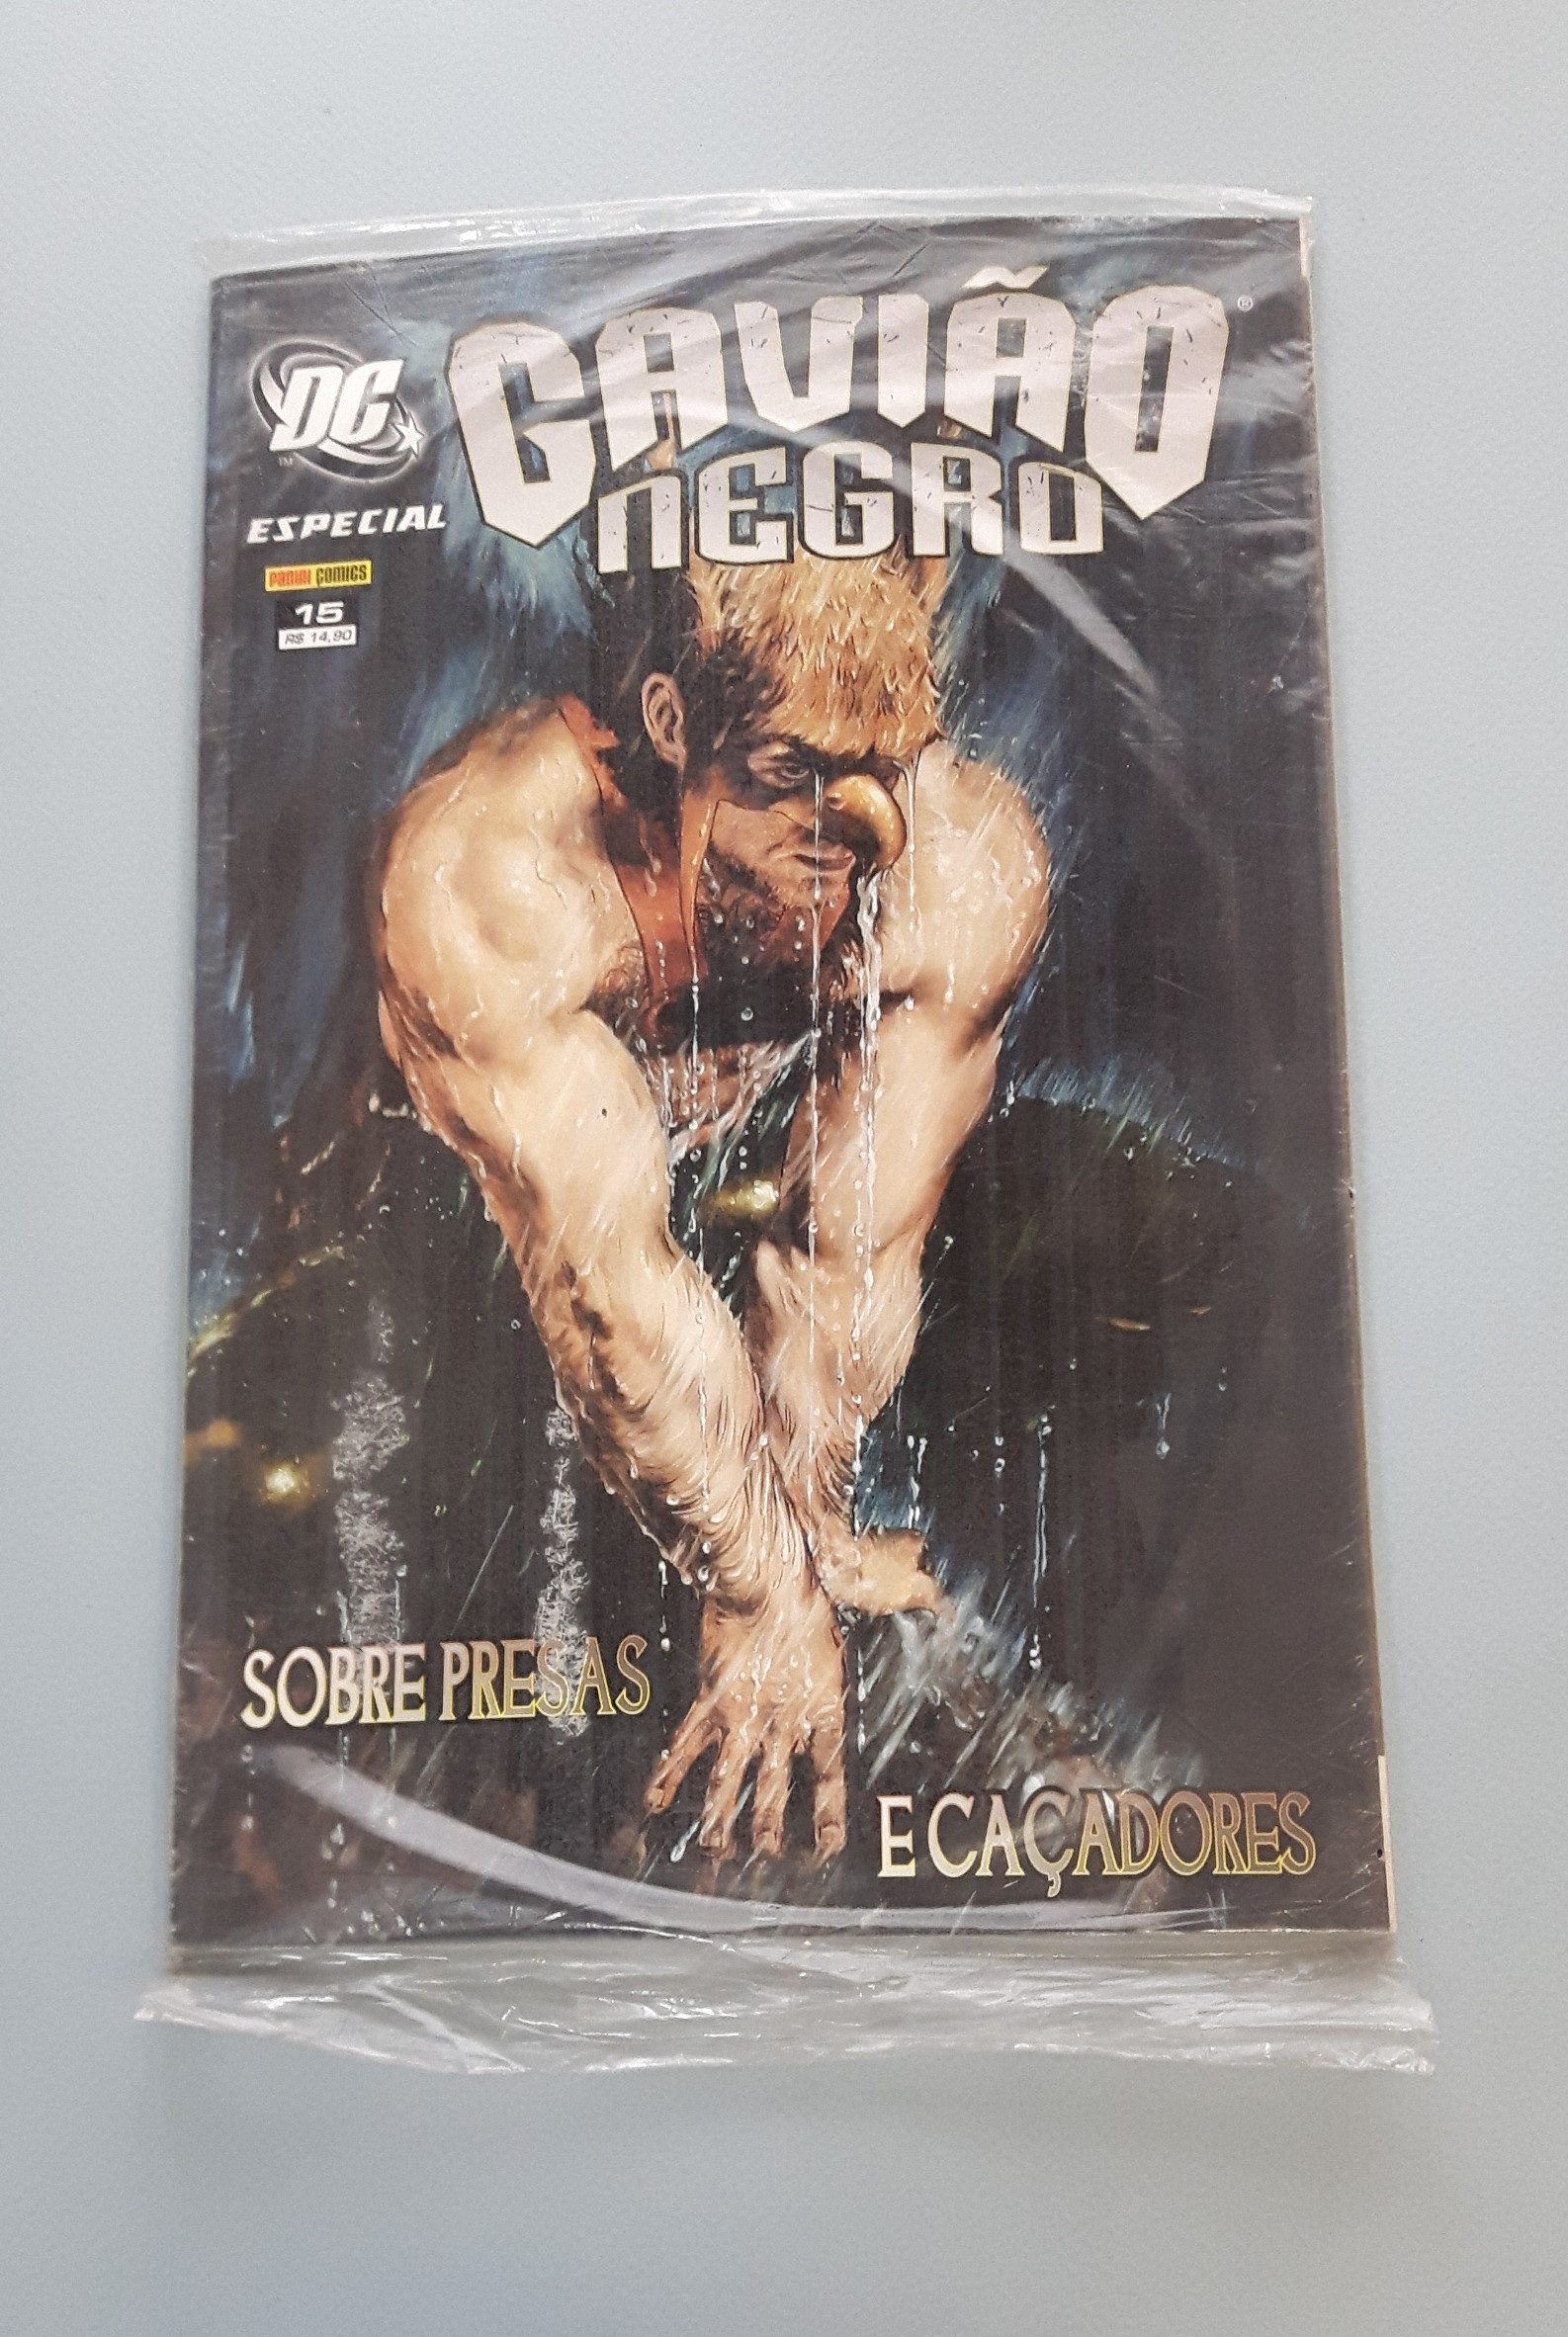 DC Especial Gavião Negro – Sobre presas e caçadores